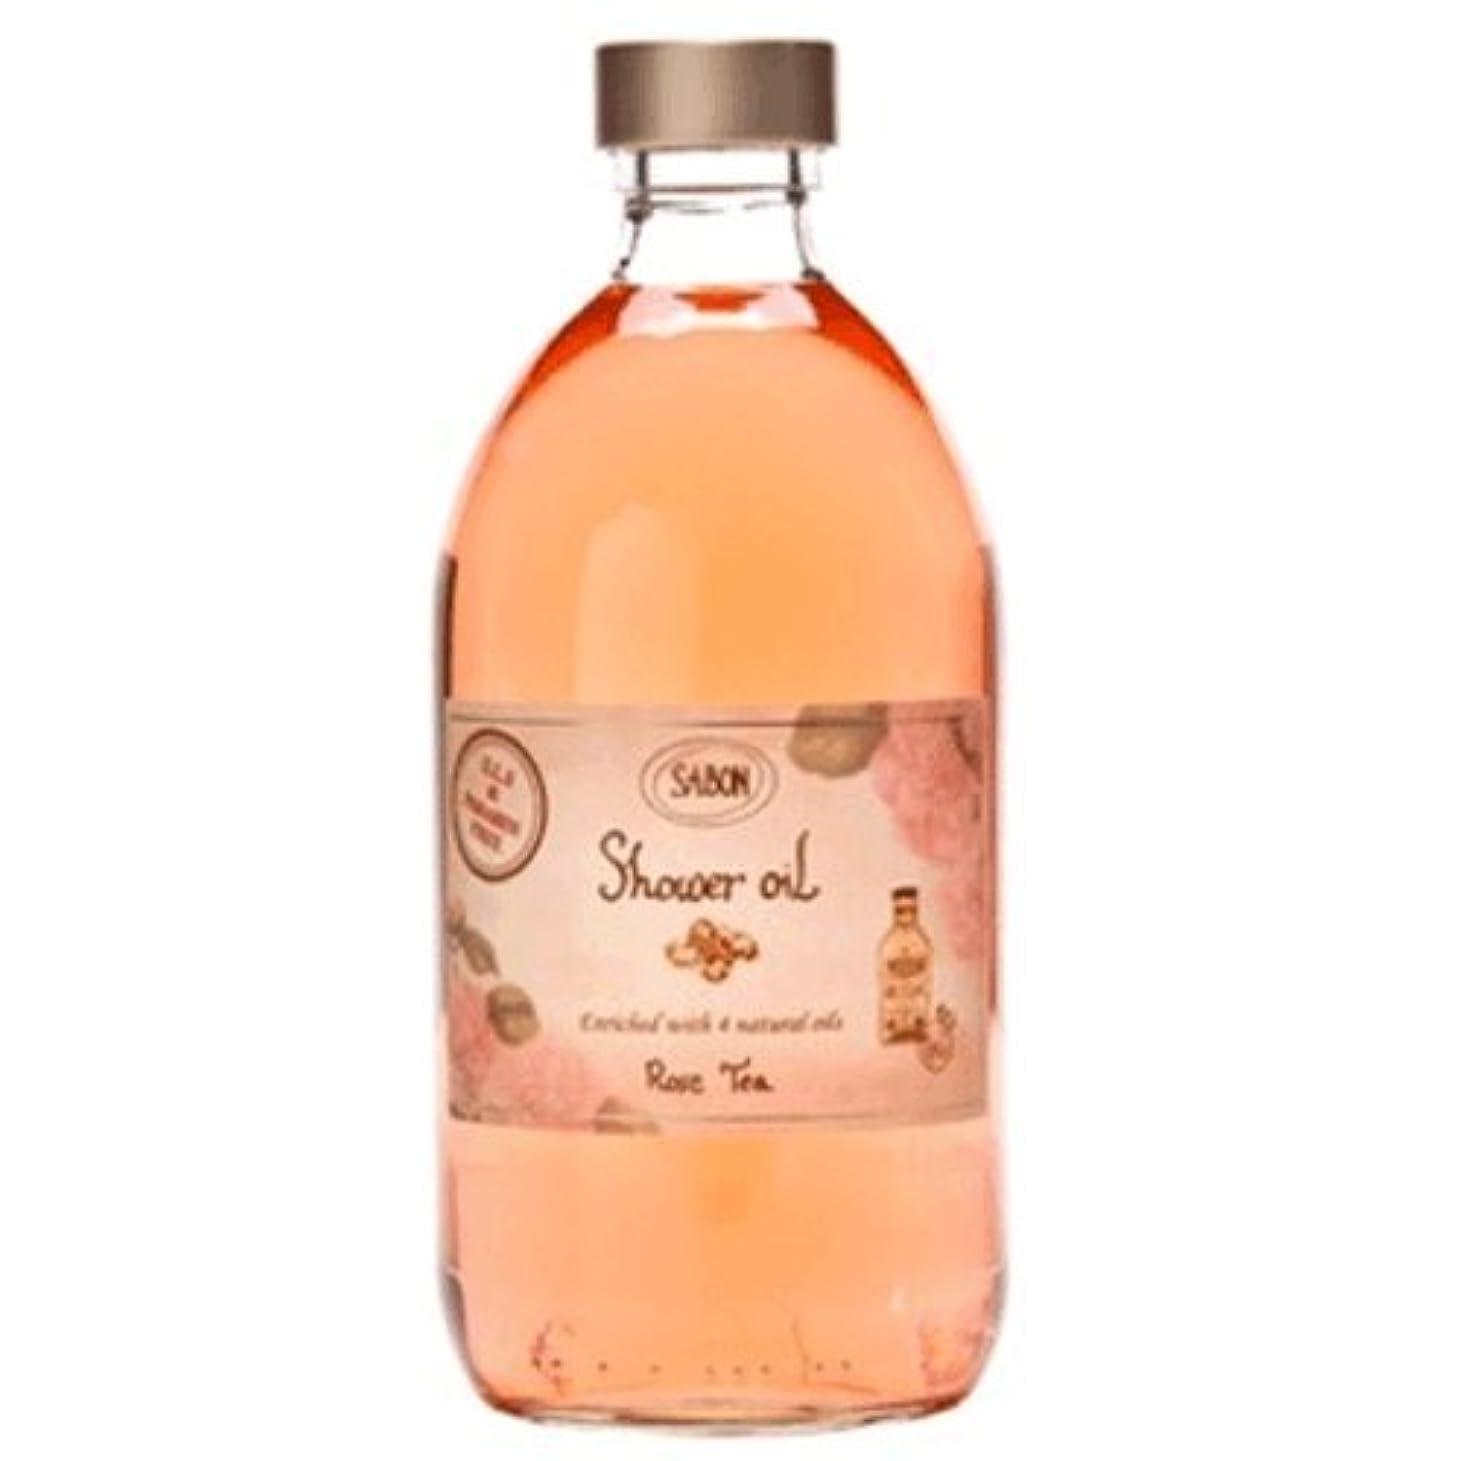 蒸し器寛大さ輝度【サボン】シャワーオイル ローズティー(Rose Tea) ポンプ付き 500ml